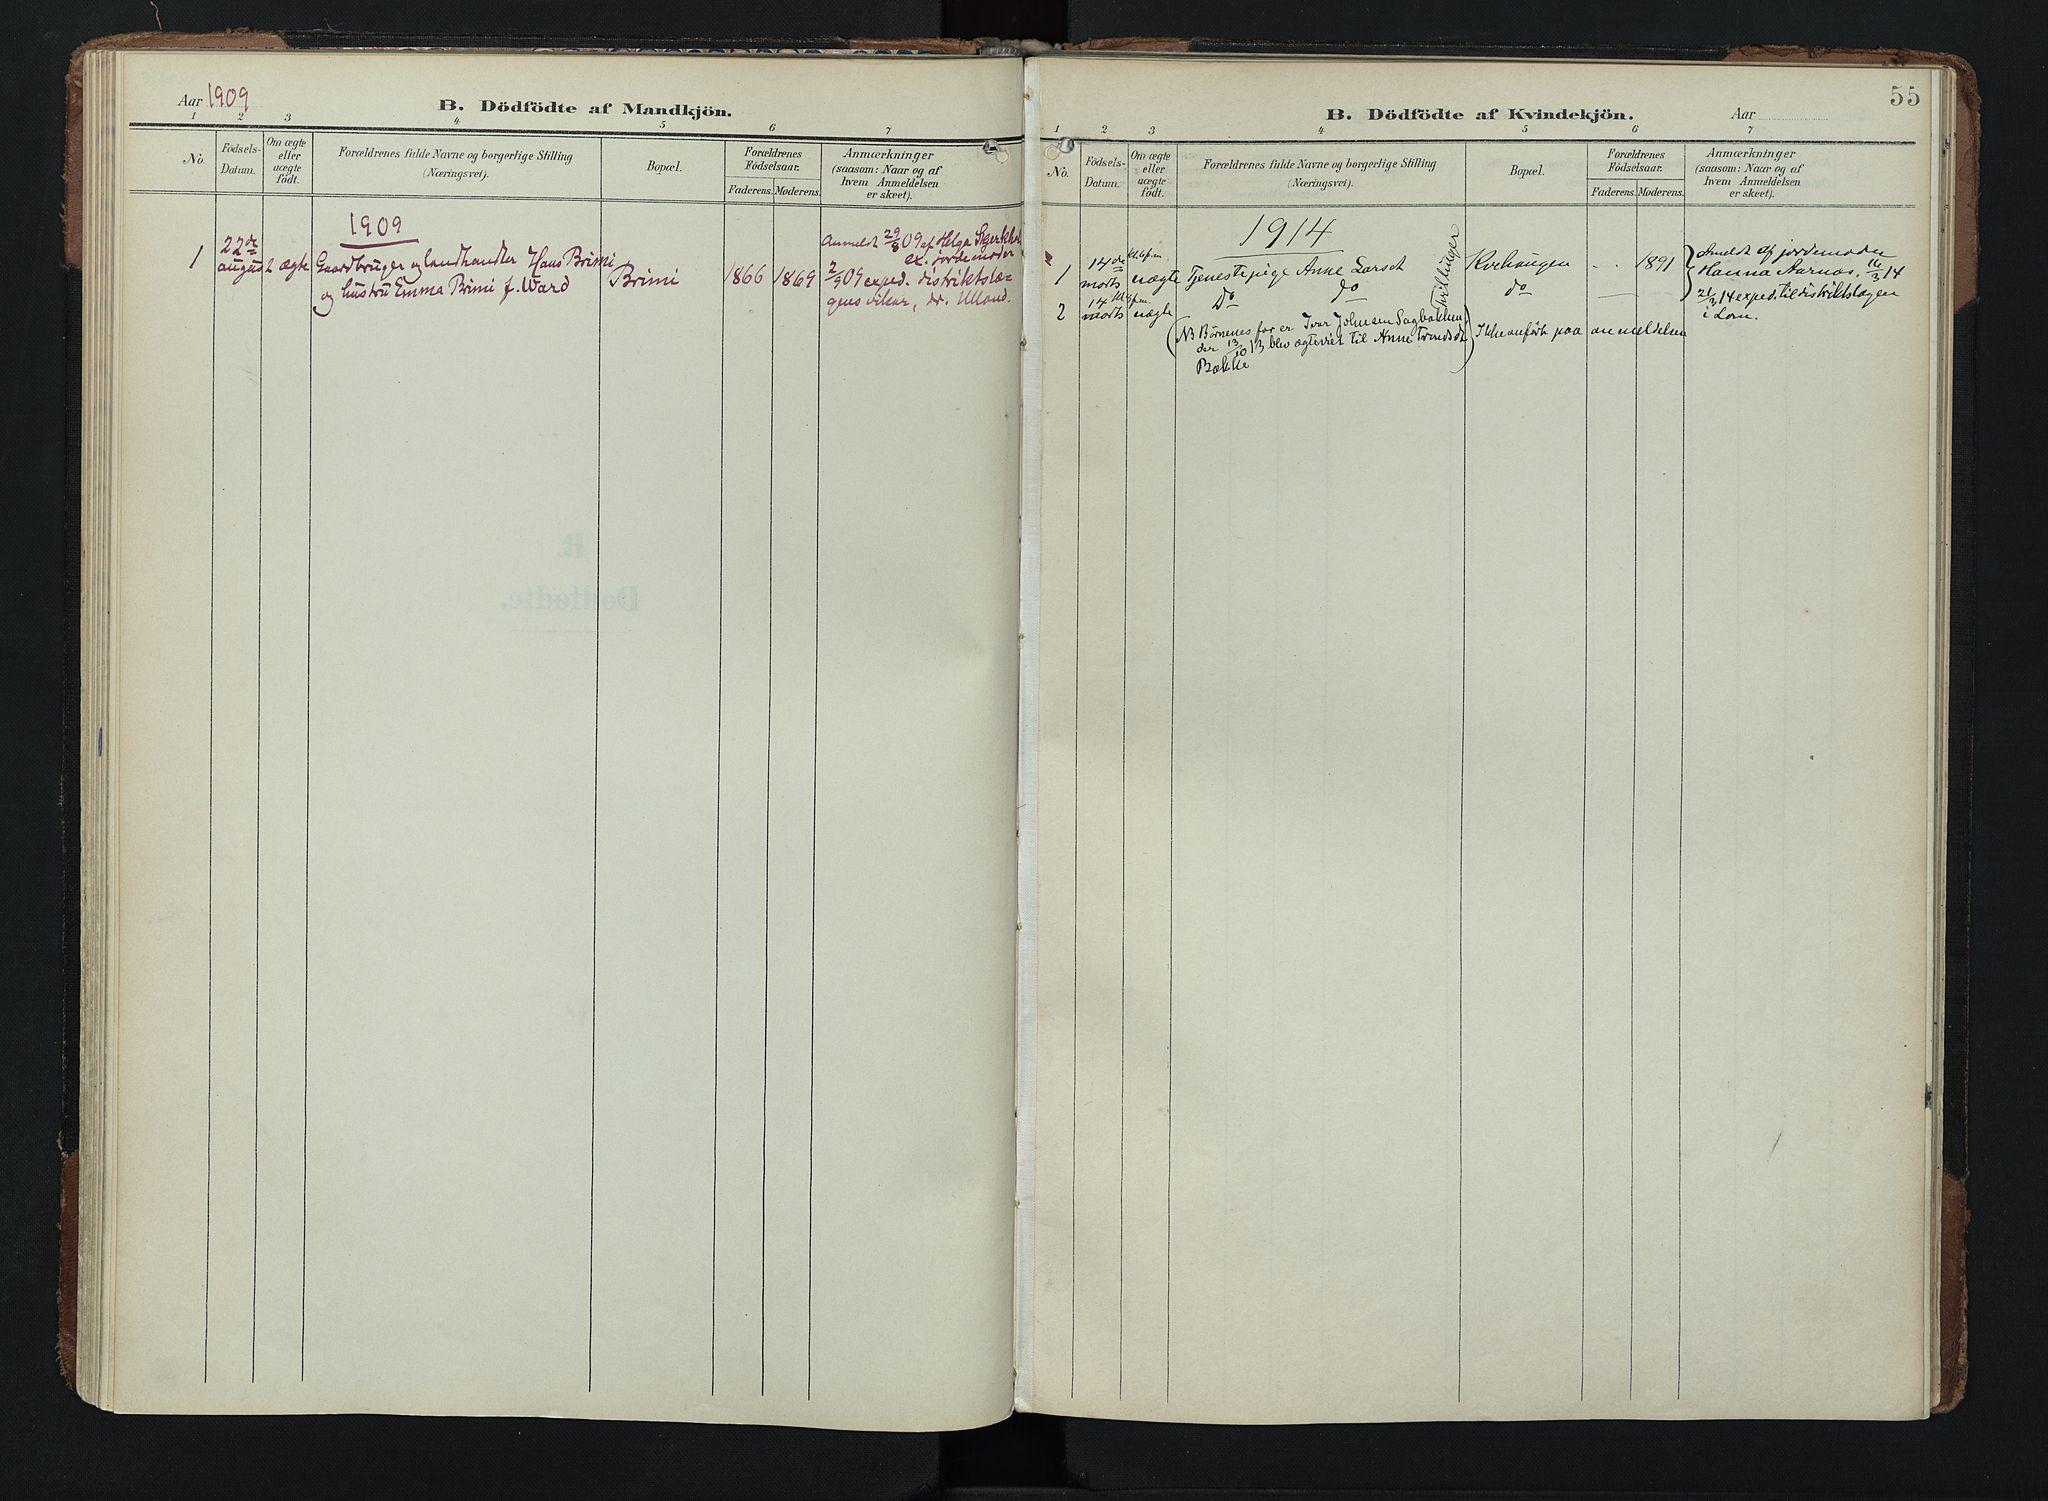 SAH, Lom prestekontor, K/L0011: Ministerialbok nr. 11, 1904-1928, s. 55